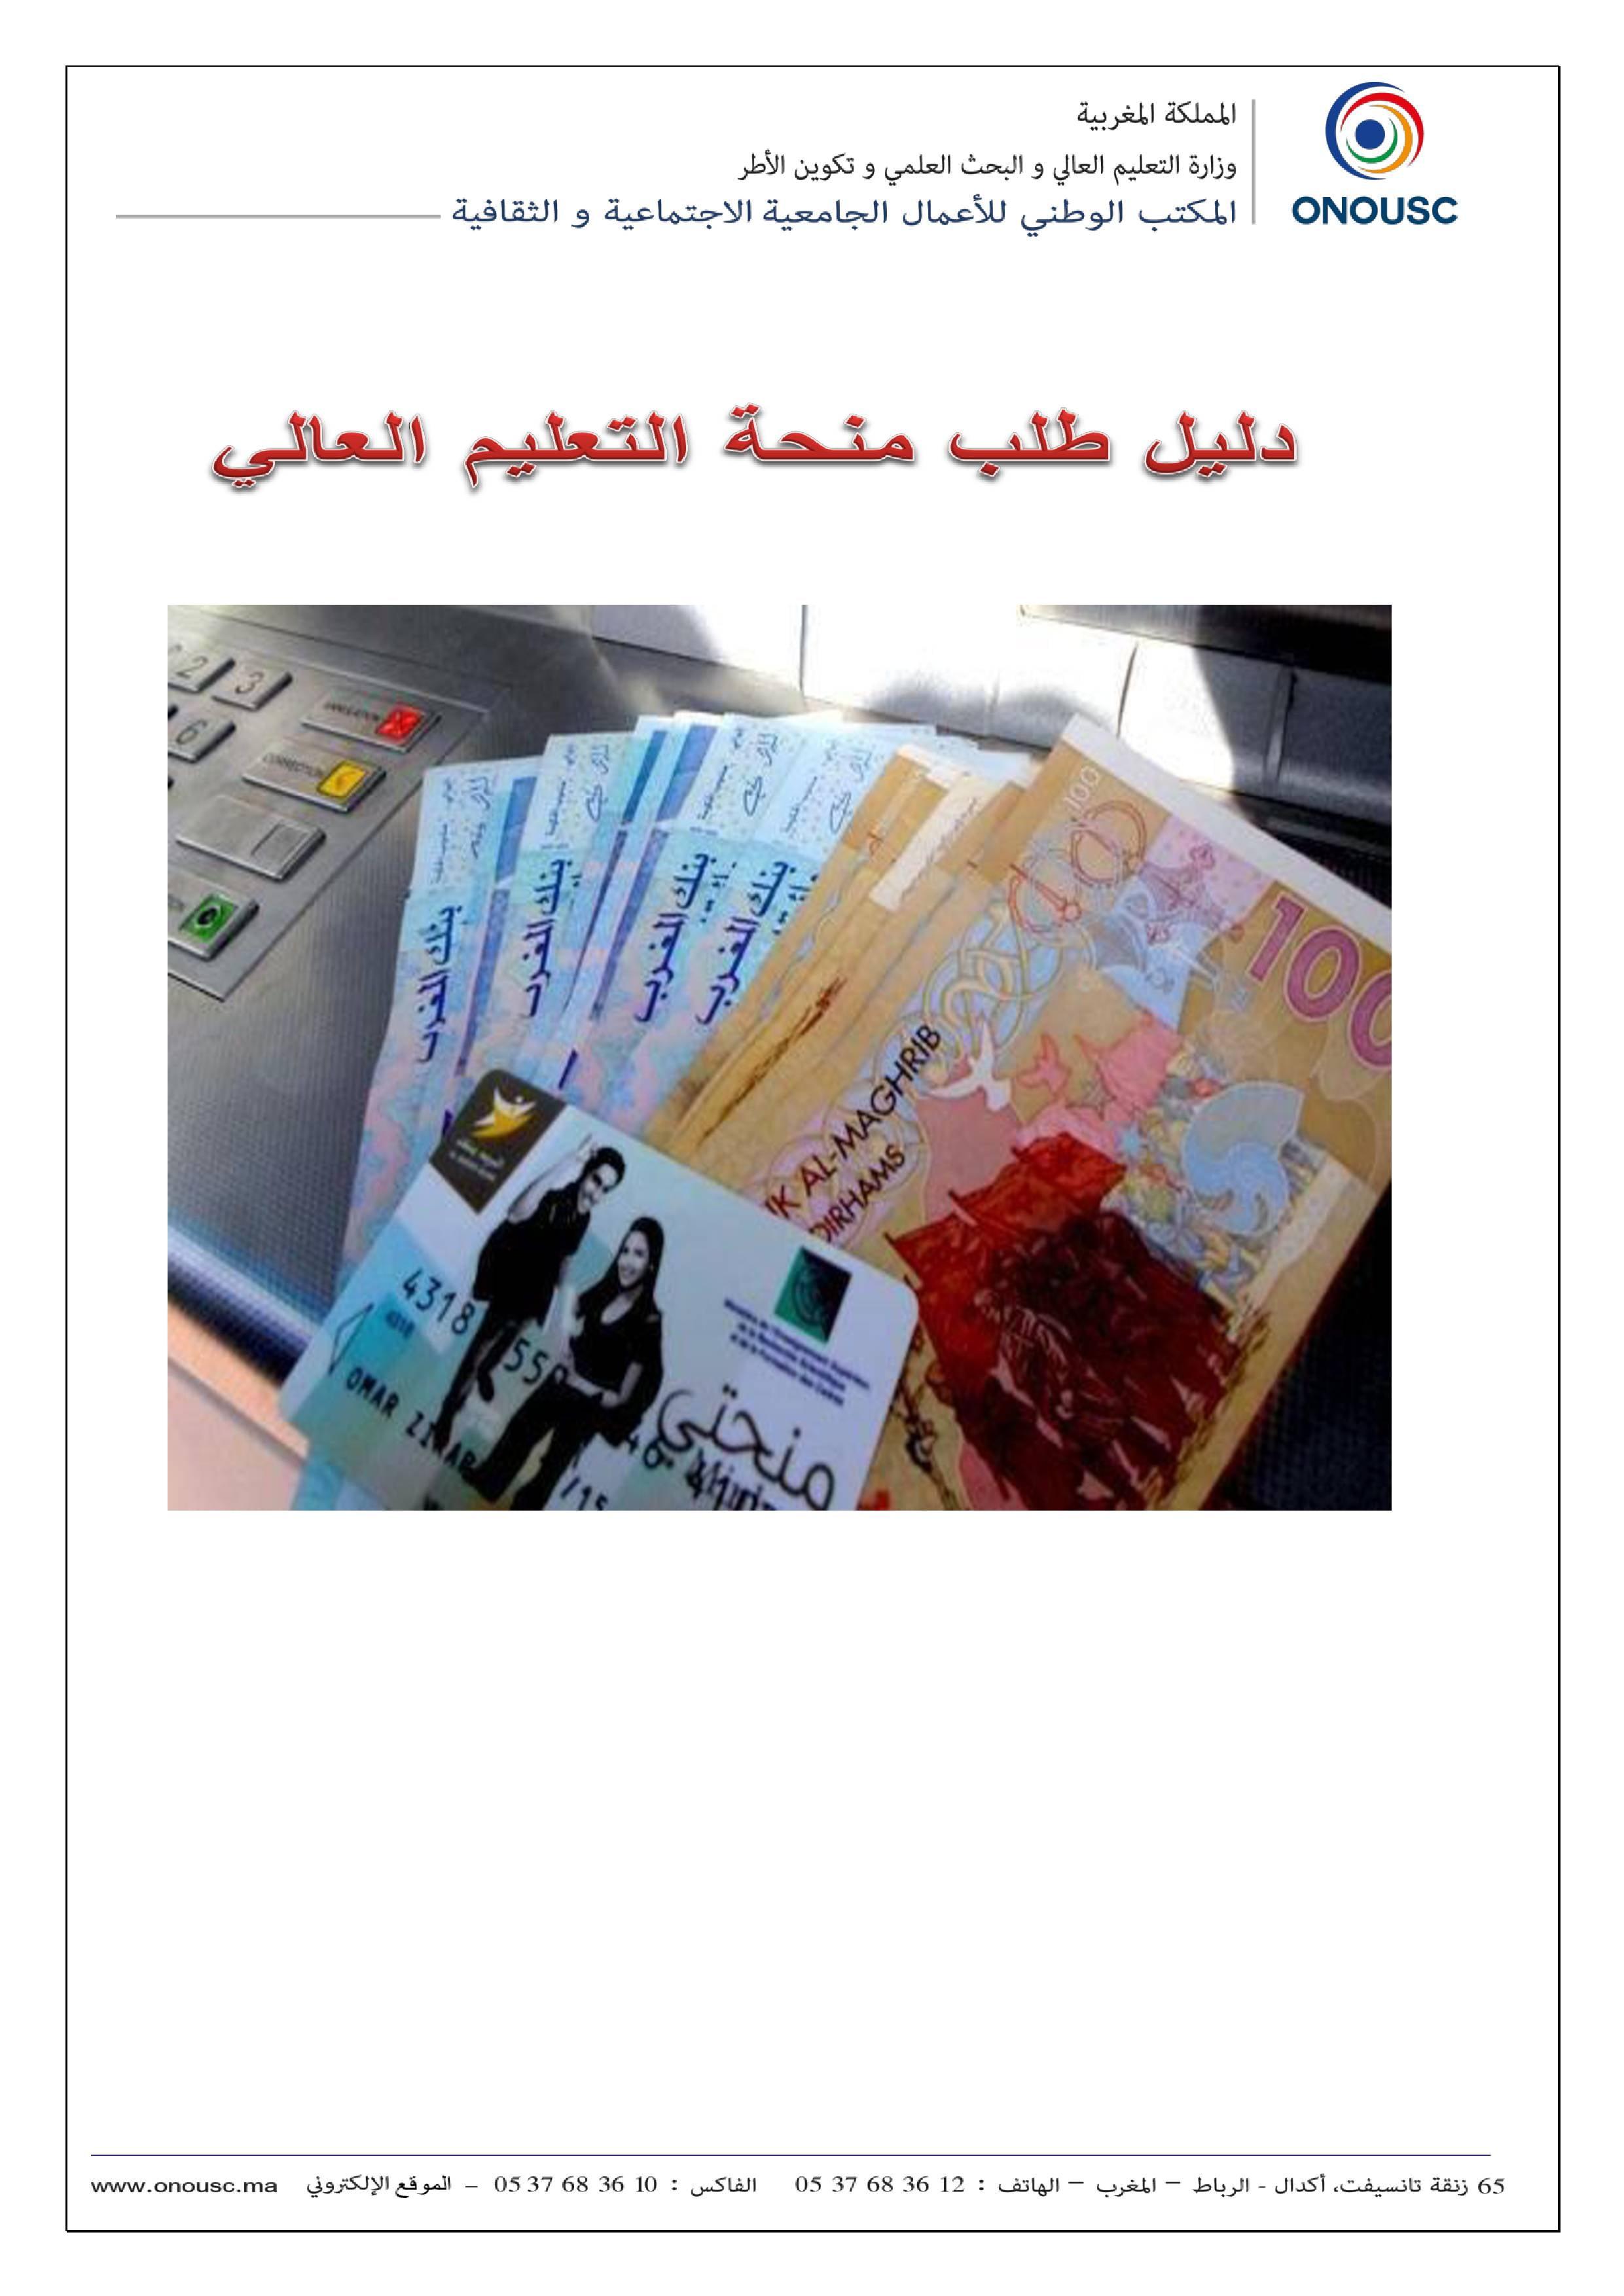 وثائق الحصول على المنحة الجامعية 2016 بالمغرب 1